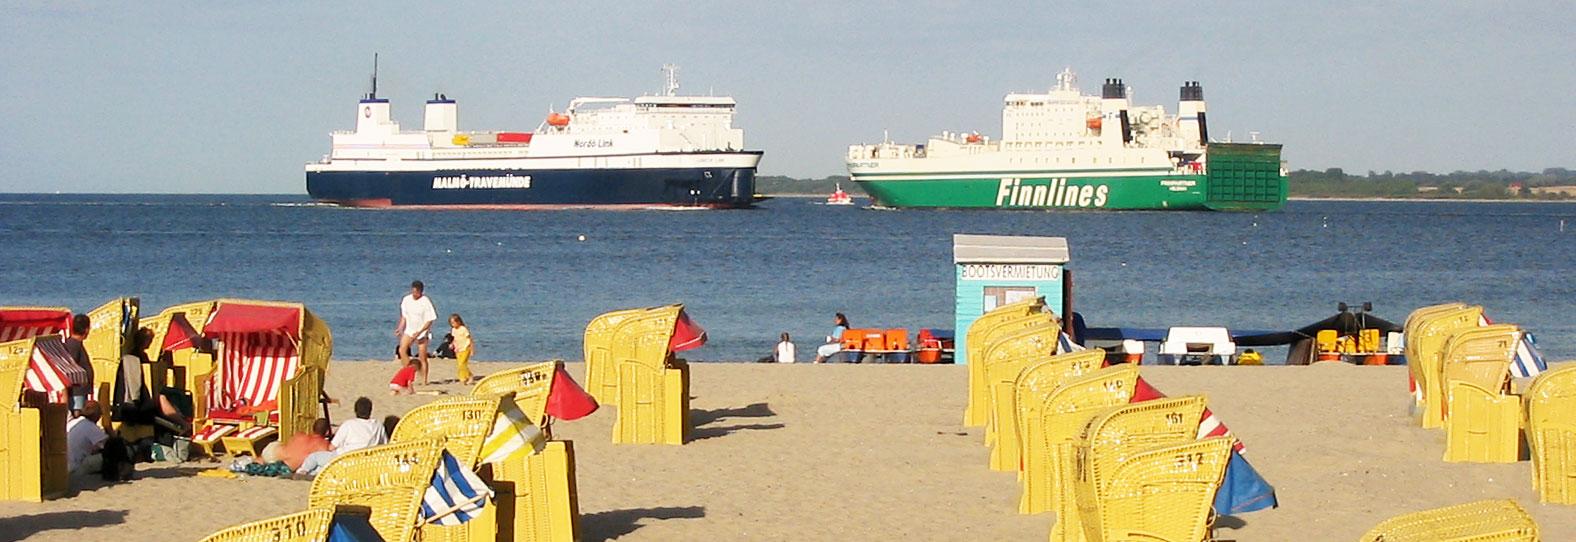 Schiffe, Strandkörbe, Ostsee in Travemünde